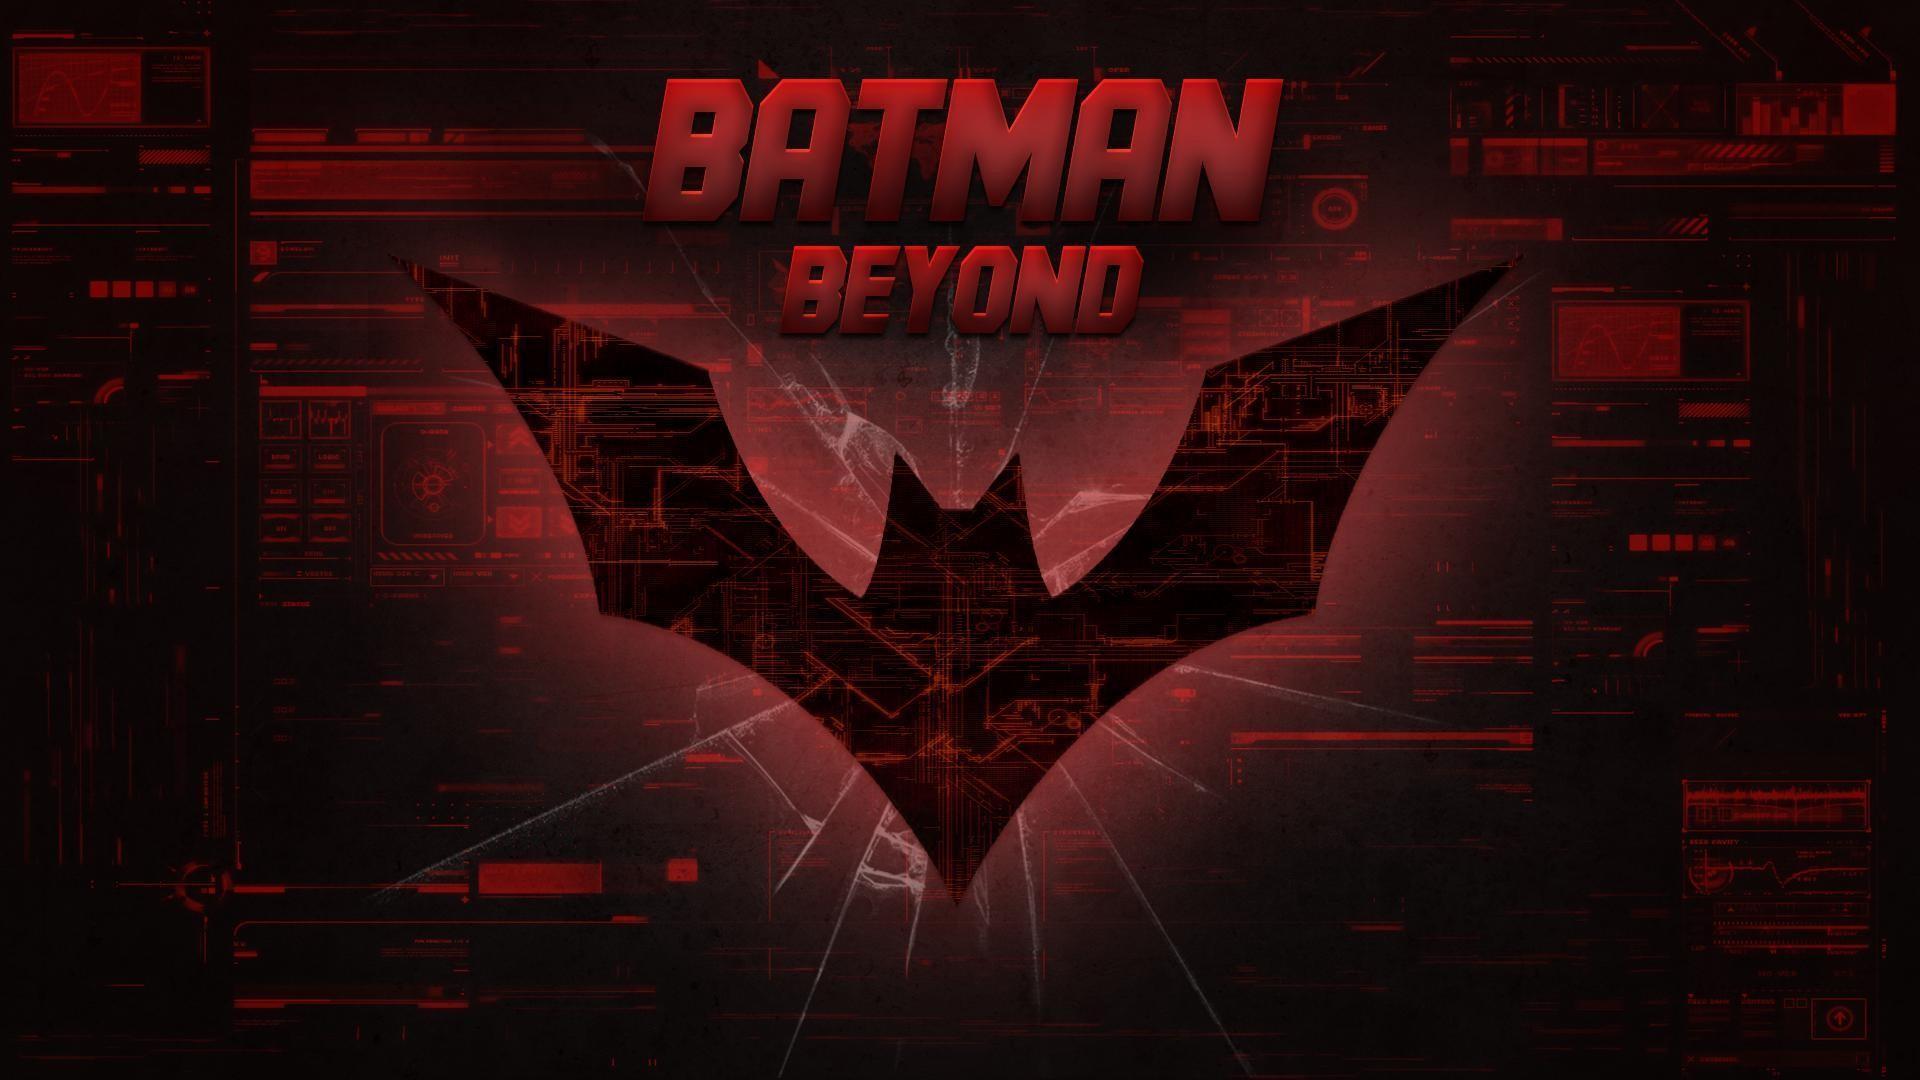 wallpaper.wiki-Free-Batman-Beyond-Photo-PIC-WPB0015623